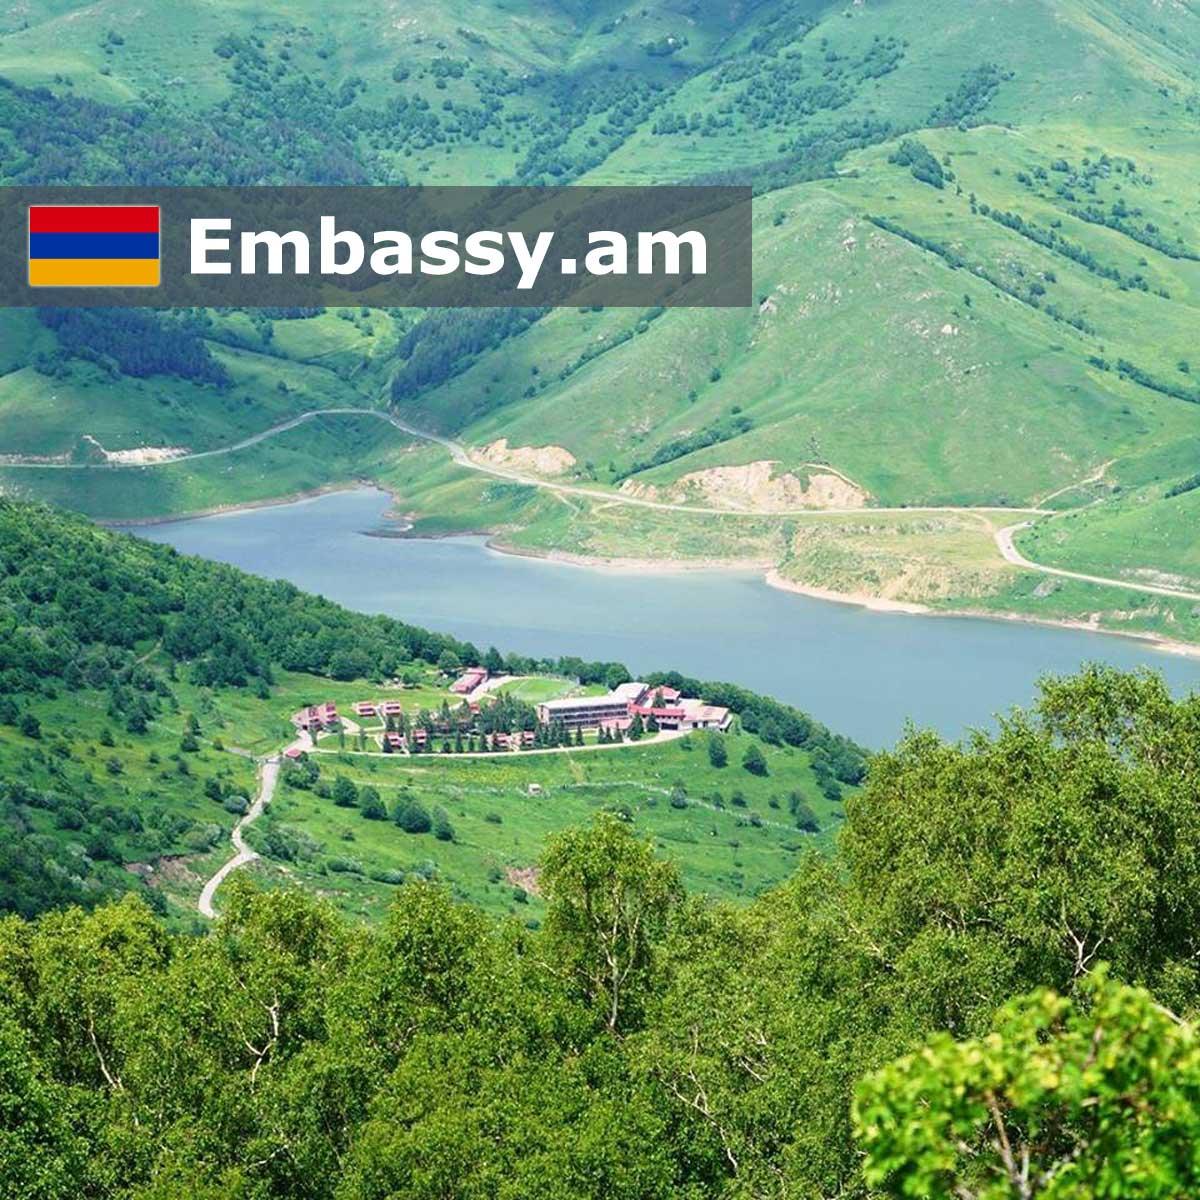 Анкаван - Отели в Армении - Embassy.am